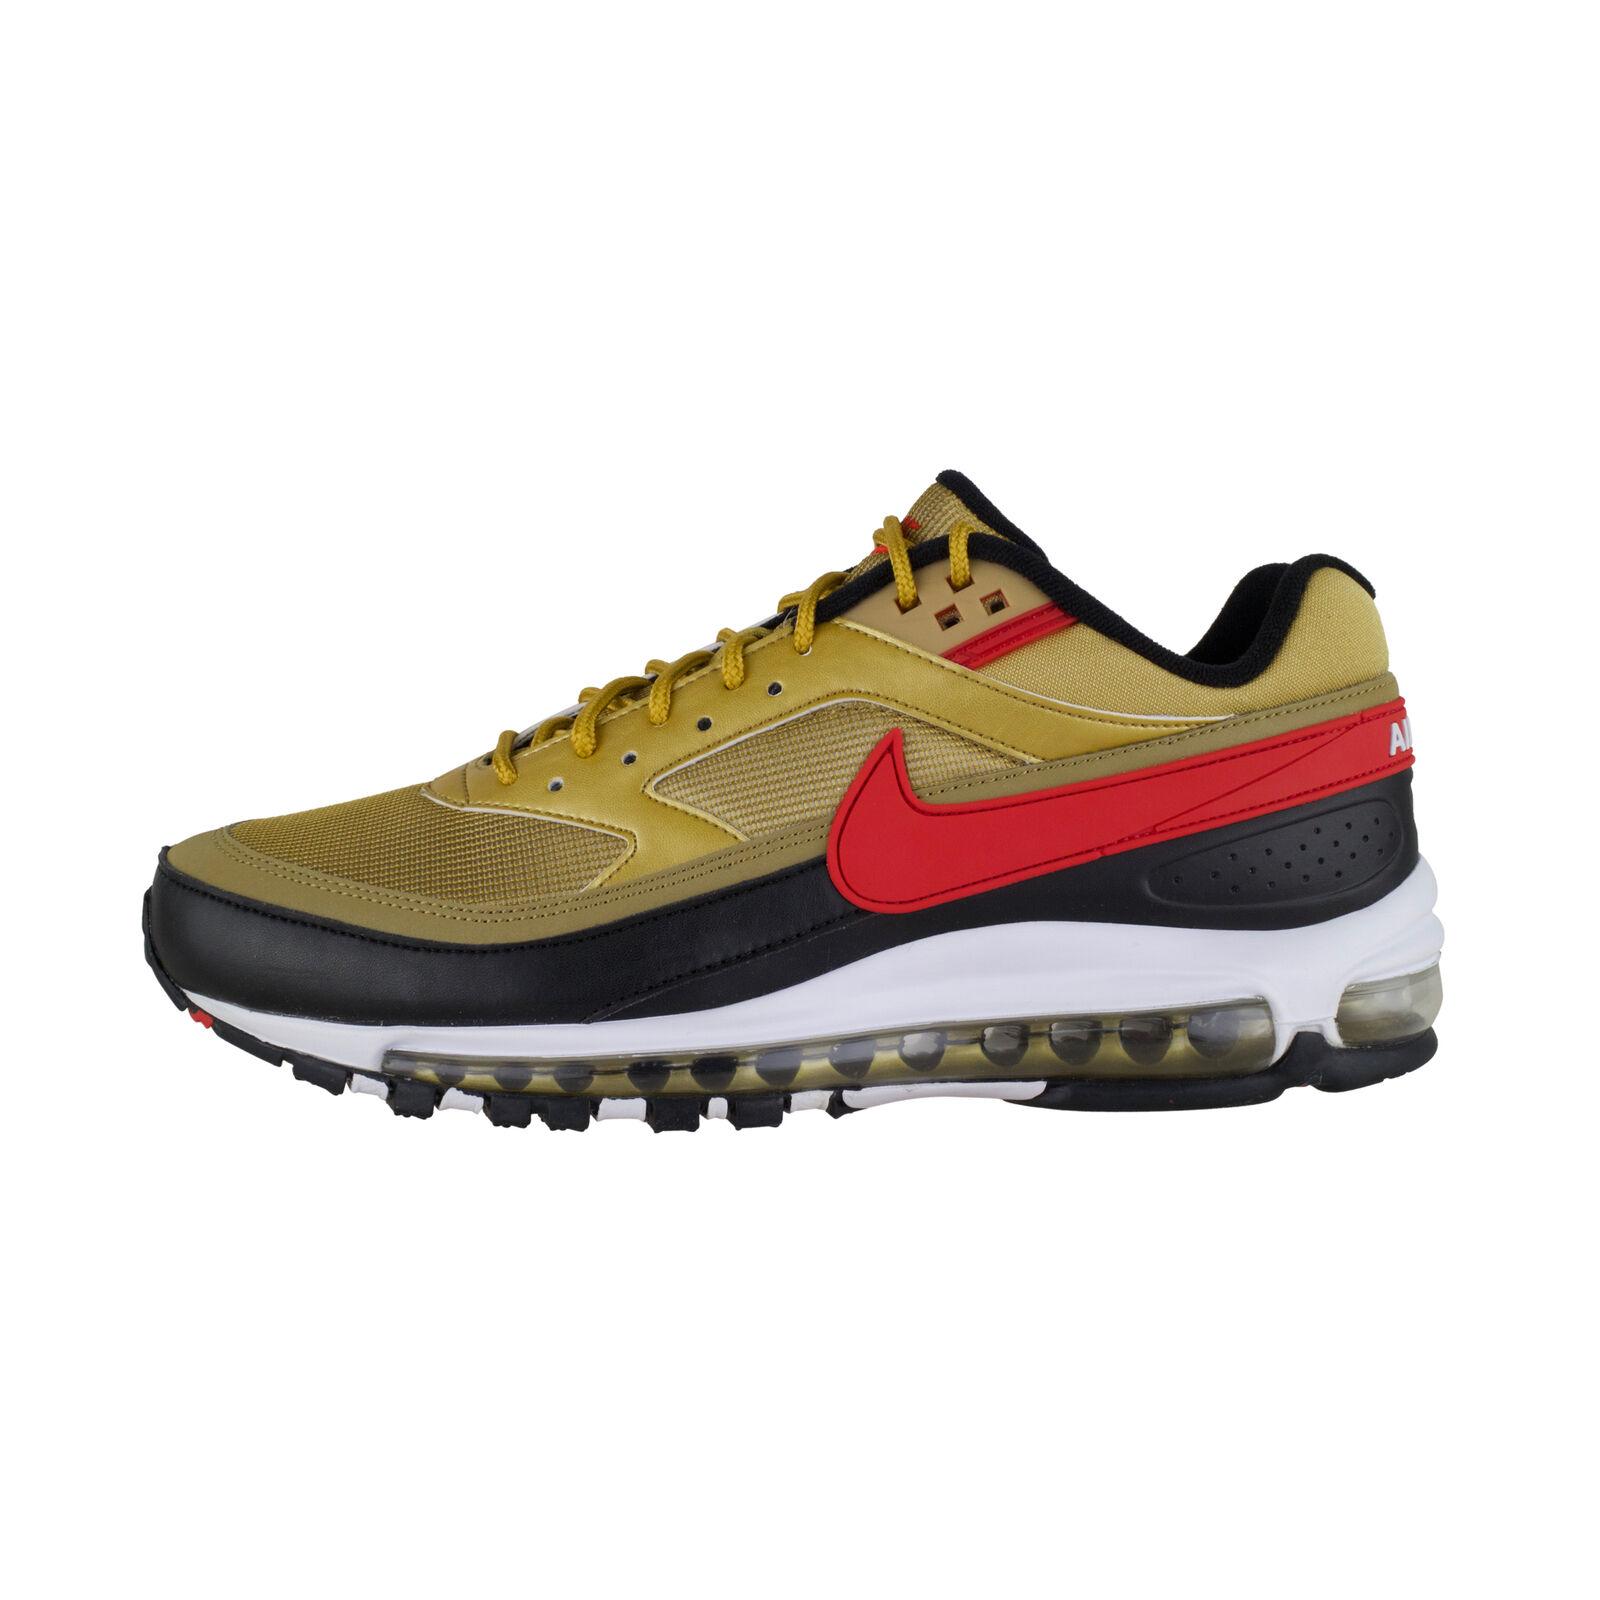 Détails sur Nike Air Max 97 Bw or Noir AO2406 700